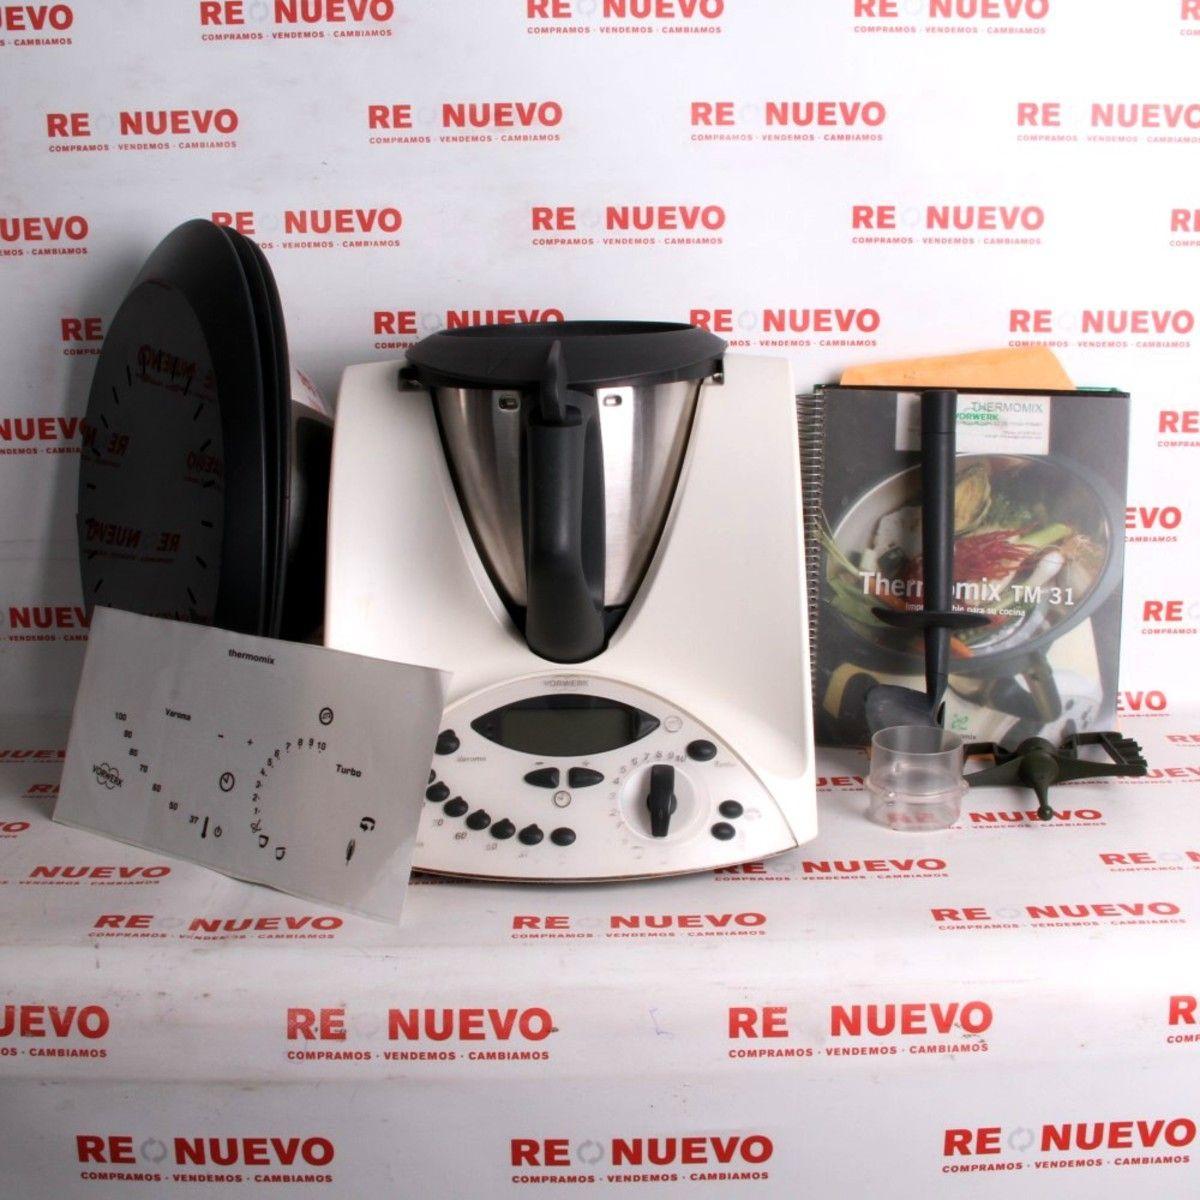 Robot de cocina thermomix tm 31 de segunda mano e289227 for Robot limpiafondos piscina segunda mano